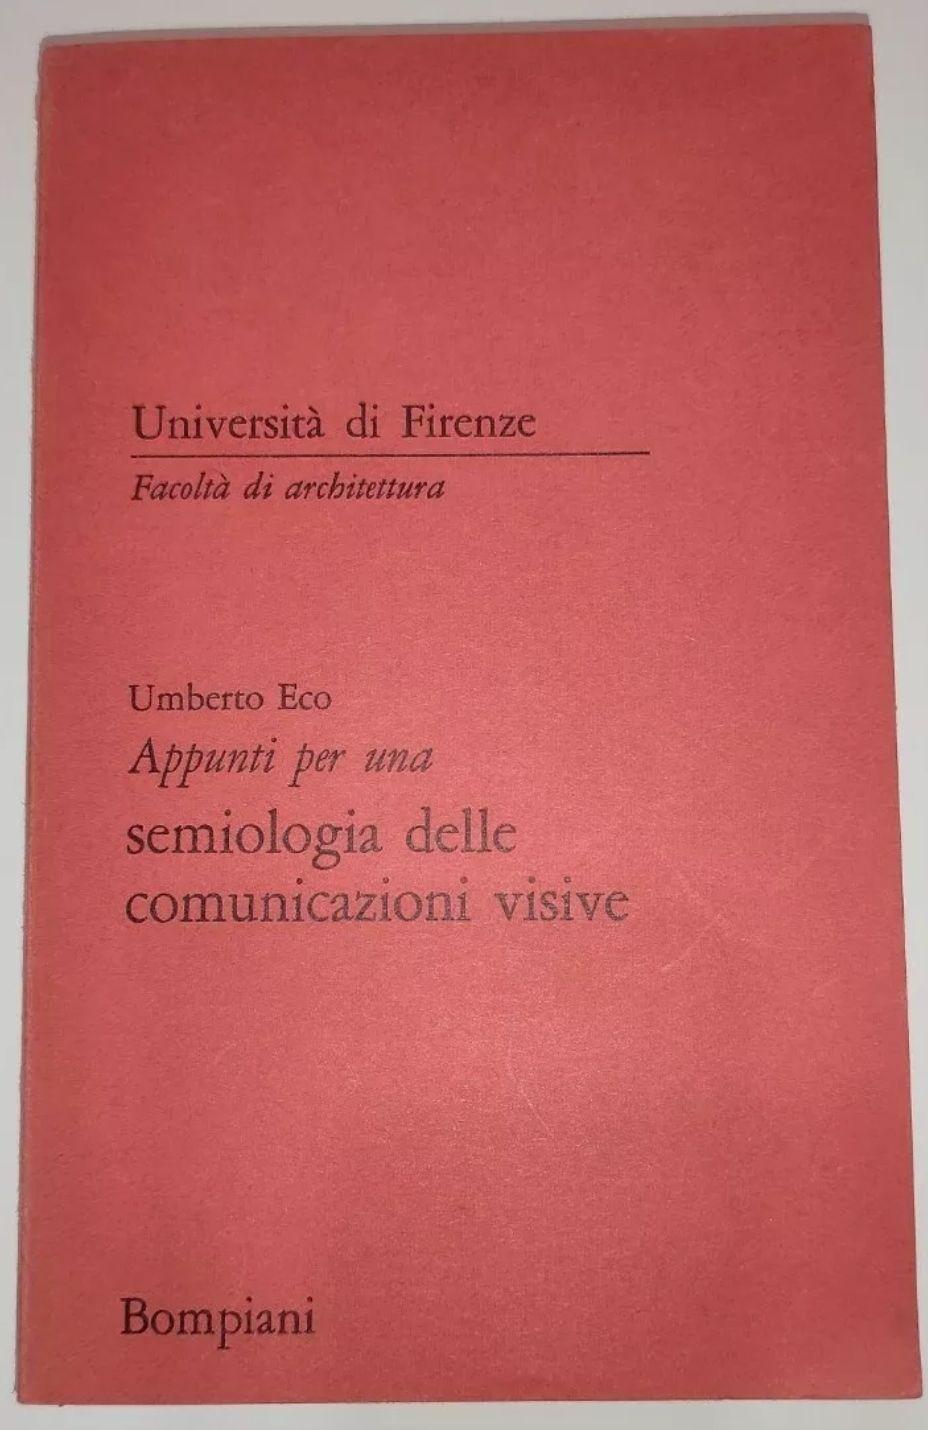 UMBERTO ECO APPUNTI PER UNA SEMIOLOGIA DELLE COMUNICAZIONI VISIVE 1967 RARISSIMO